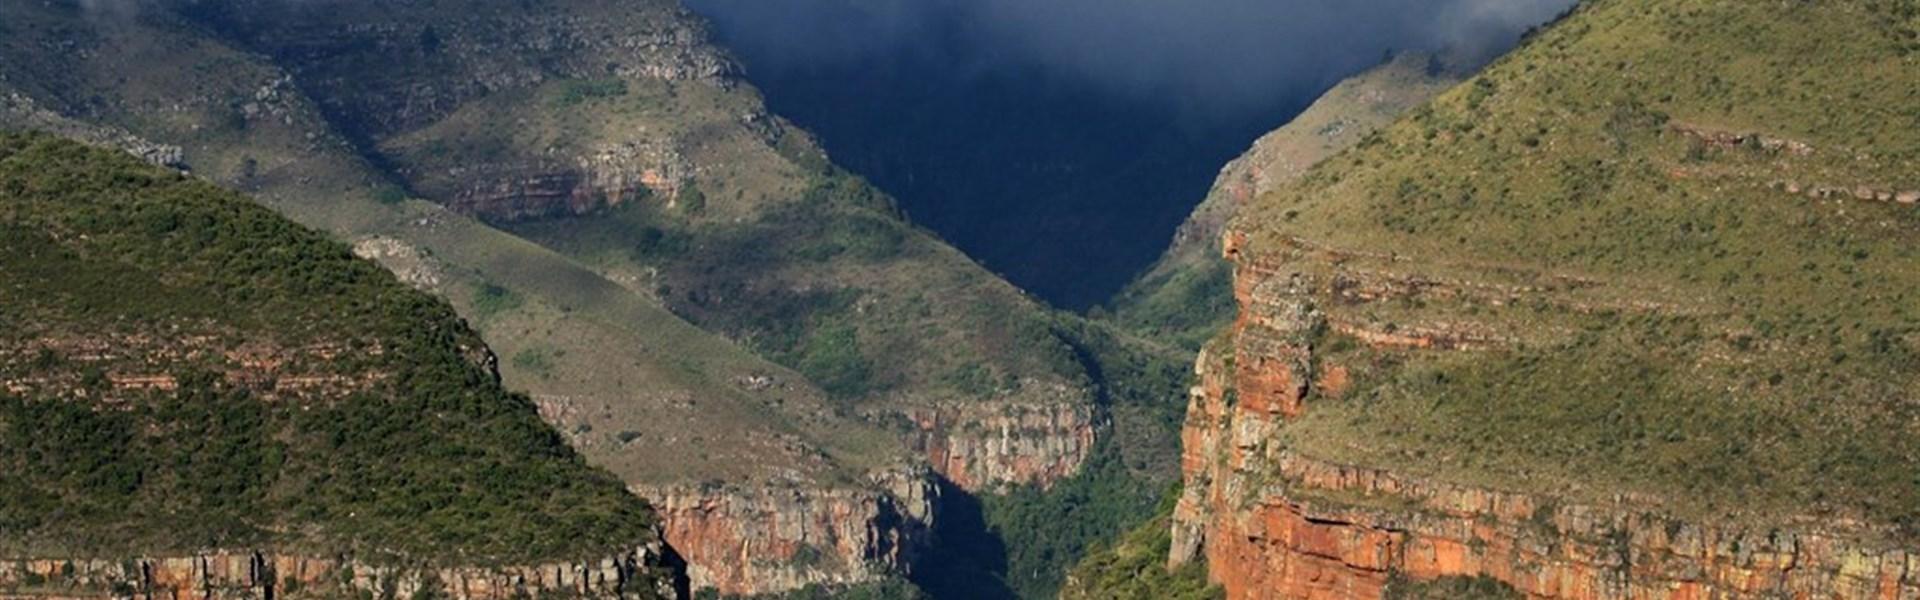 Náklaďákem - Velký okruh Jihoafrickou republikou -